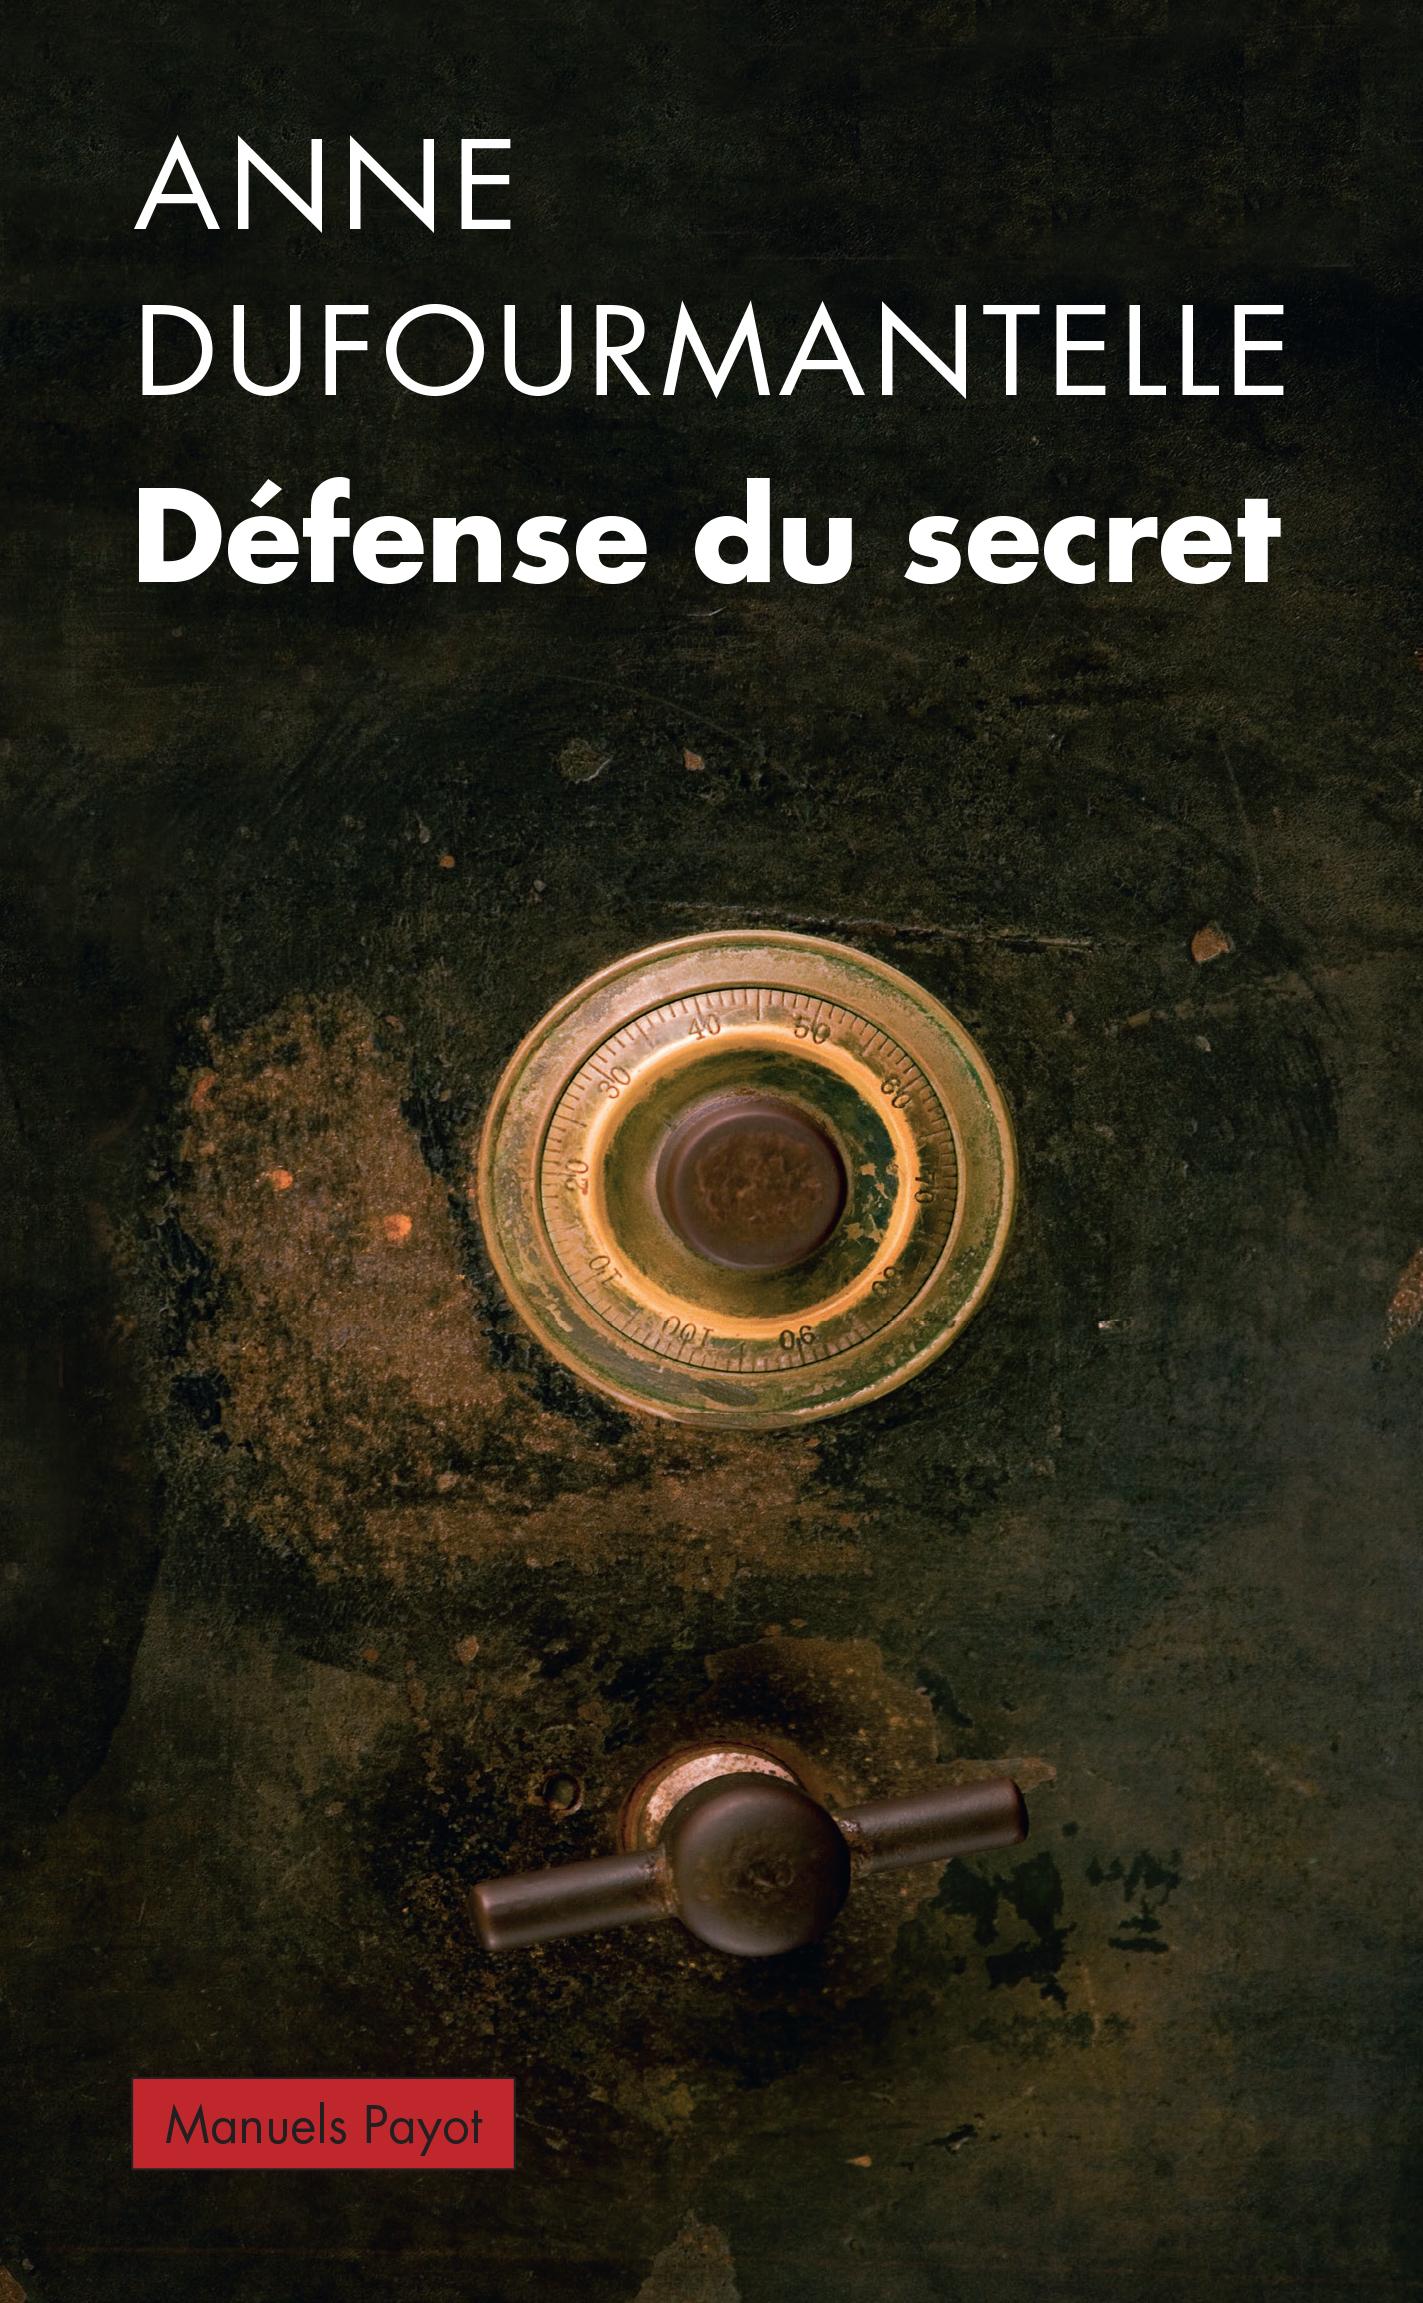 Défense du secret | Dufourmantelle, Anne